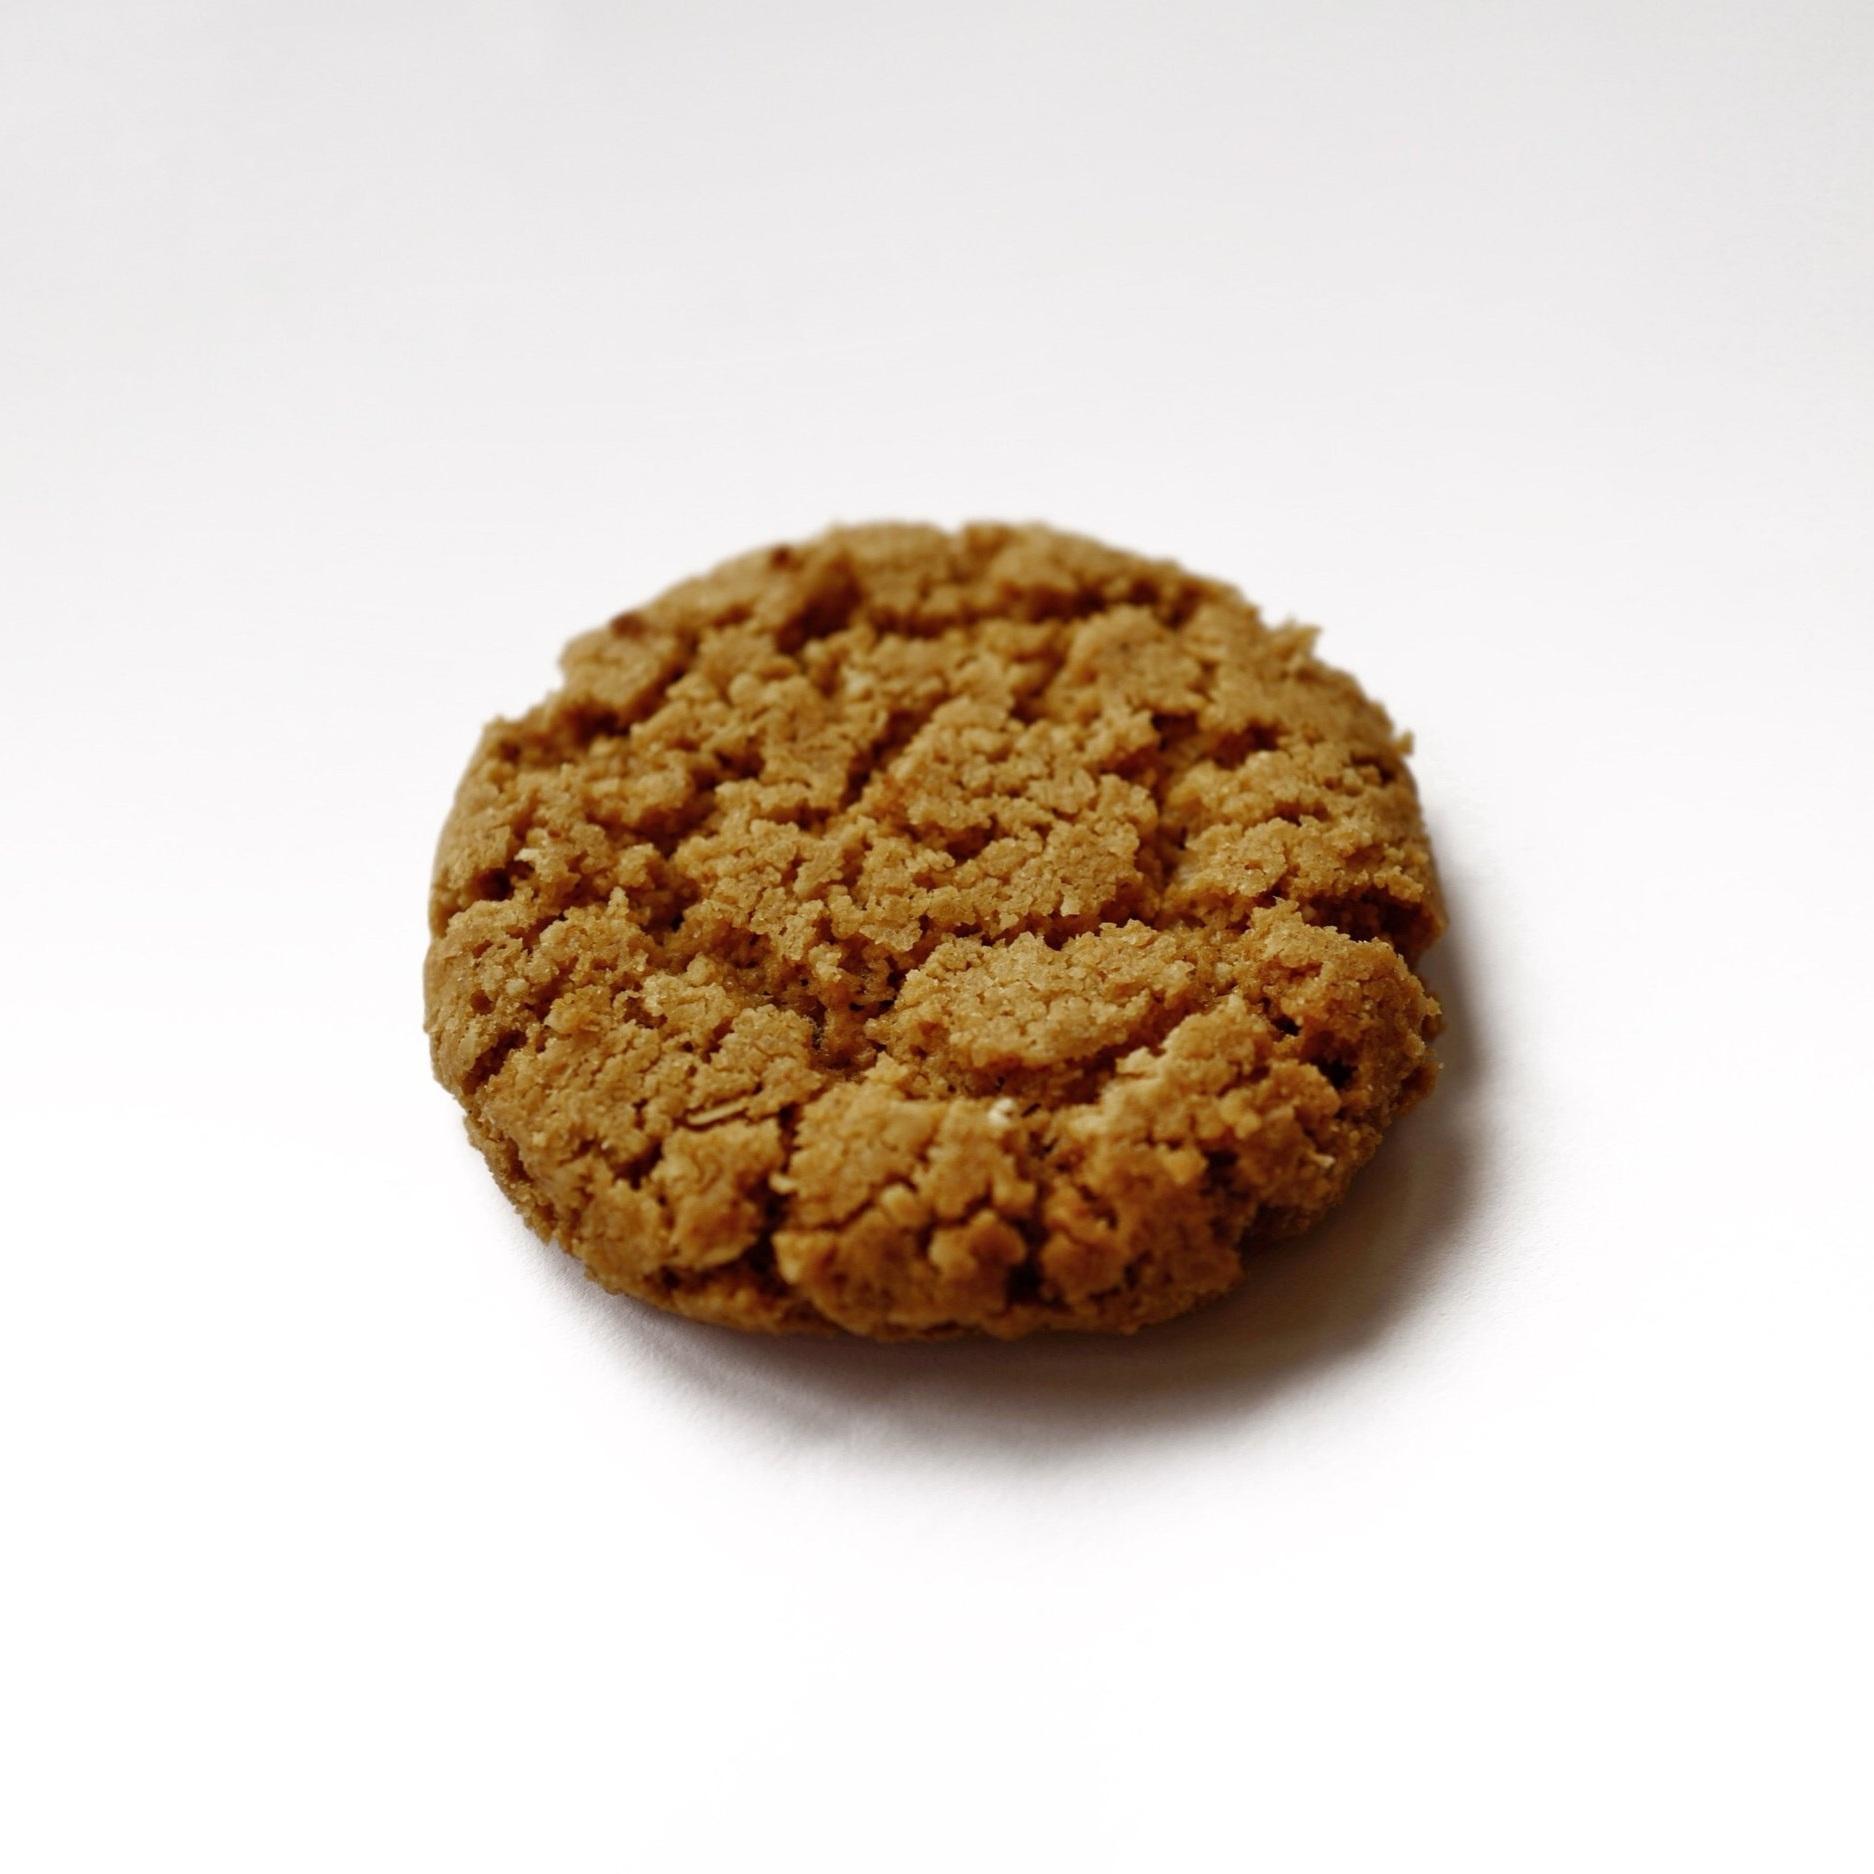 Havrekaka 12:- - Bakad utan glutenInnehåll: Smör laktosfritt (GRÄDDE, salt, syrningskultur), socker, HAVREMJÖL, HAVREGRYN, bikarbonat